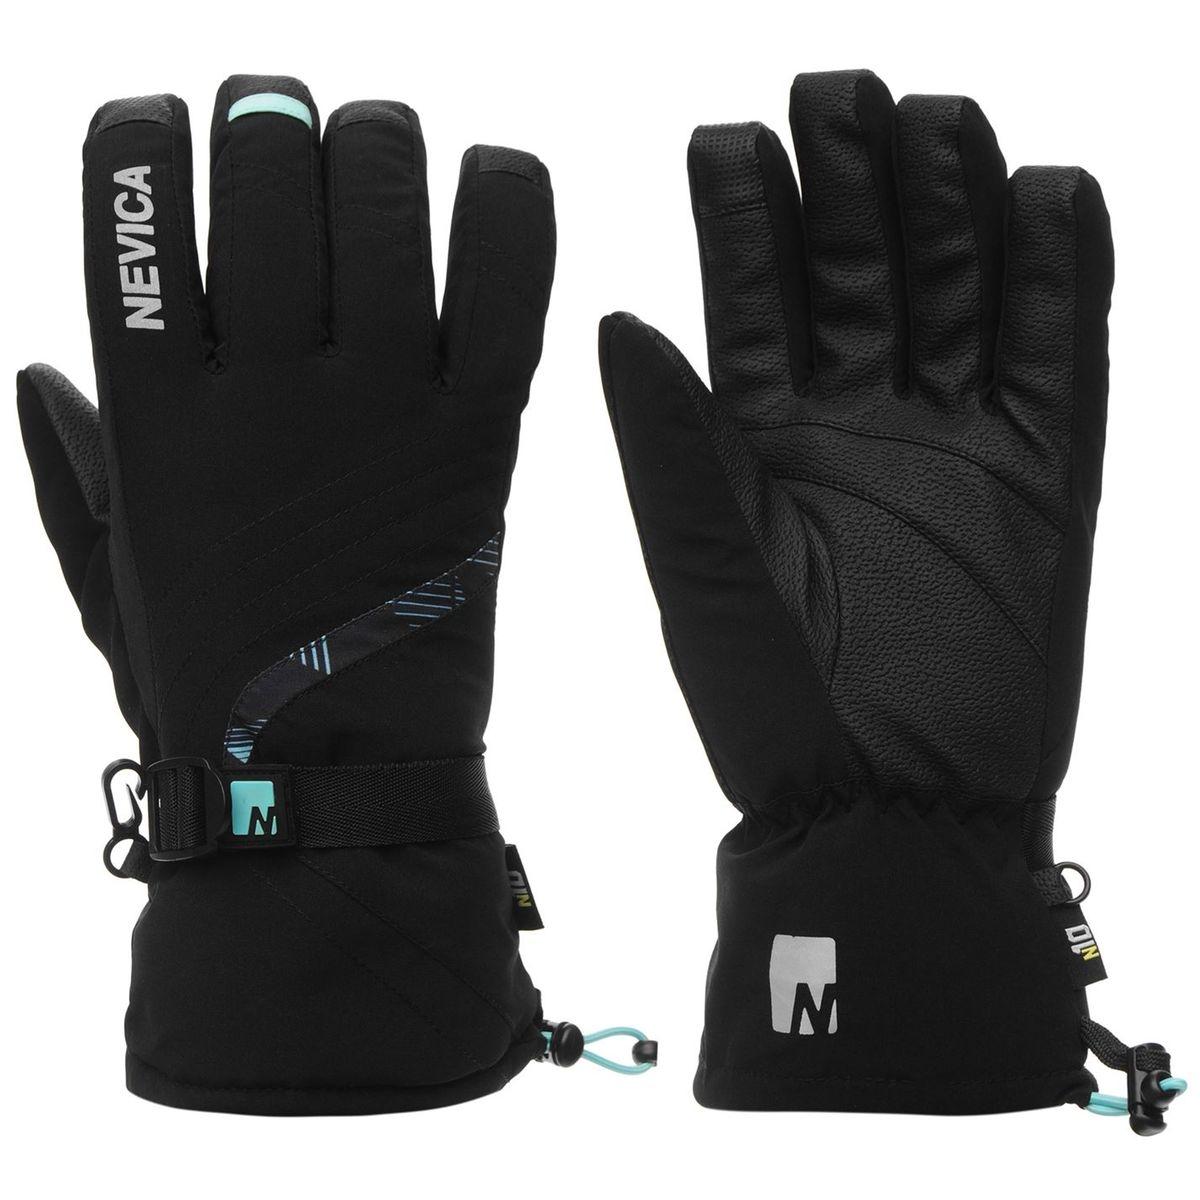 Gants de ski imperméables et chauds